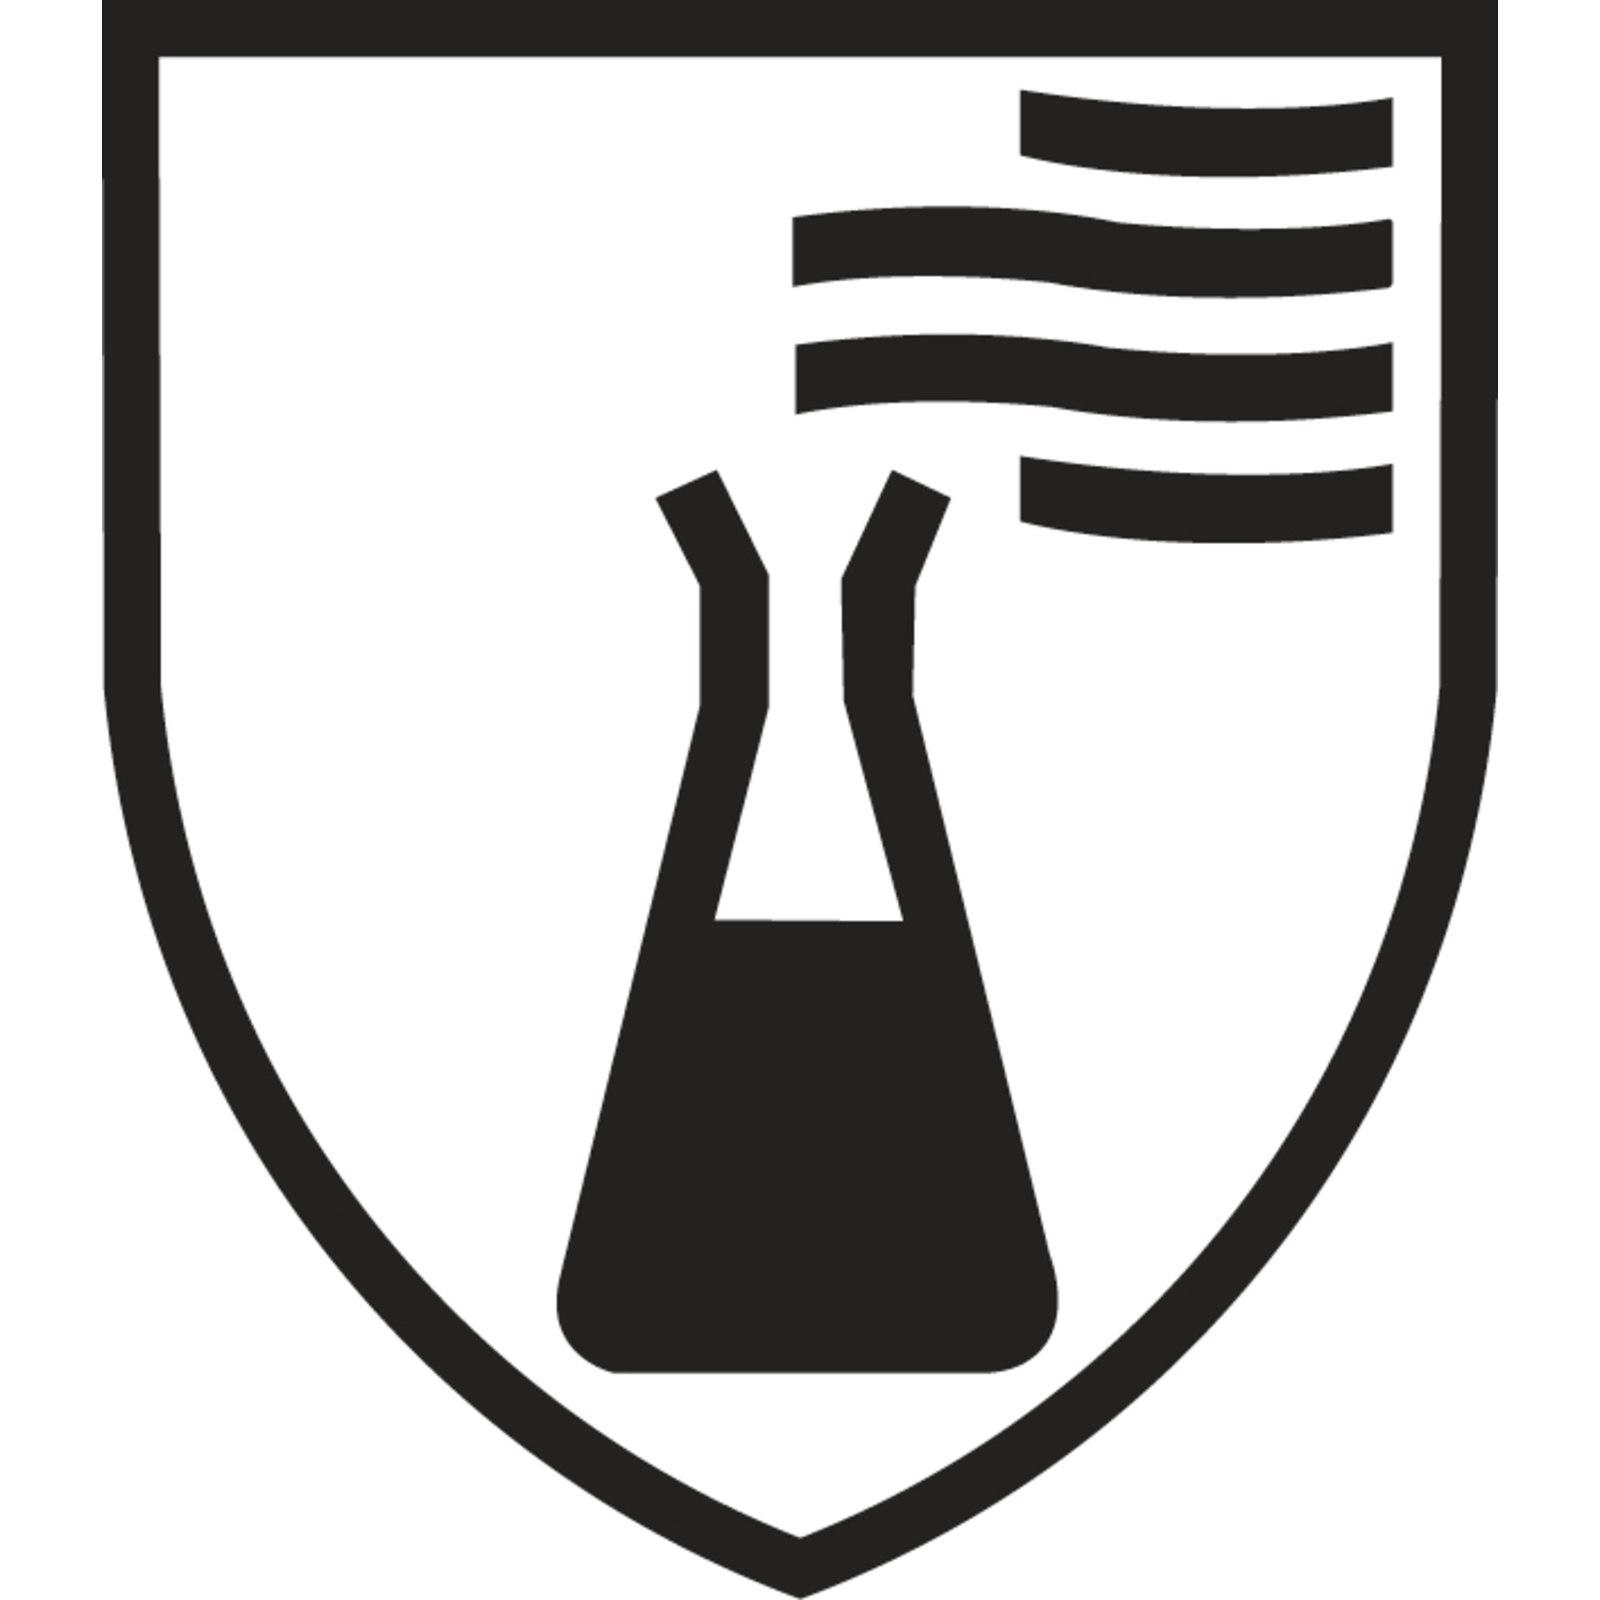 Rękawice chroniące przed substancjami chemicznymi i mikroorganizmami - Część 1: Terminologia i wymagania eksploatacyjne dotyczące zagrożeń chemicznych.